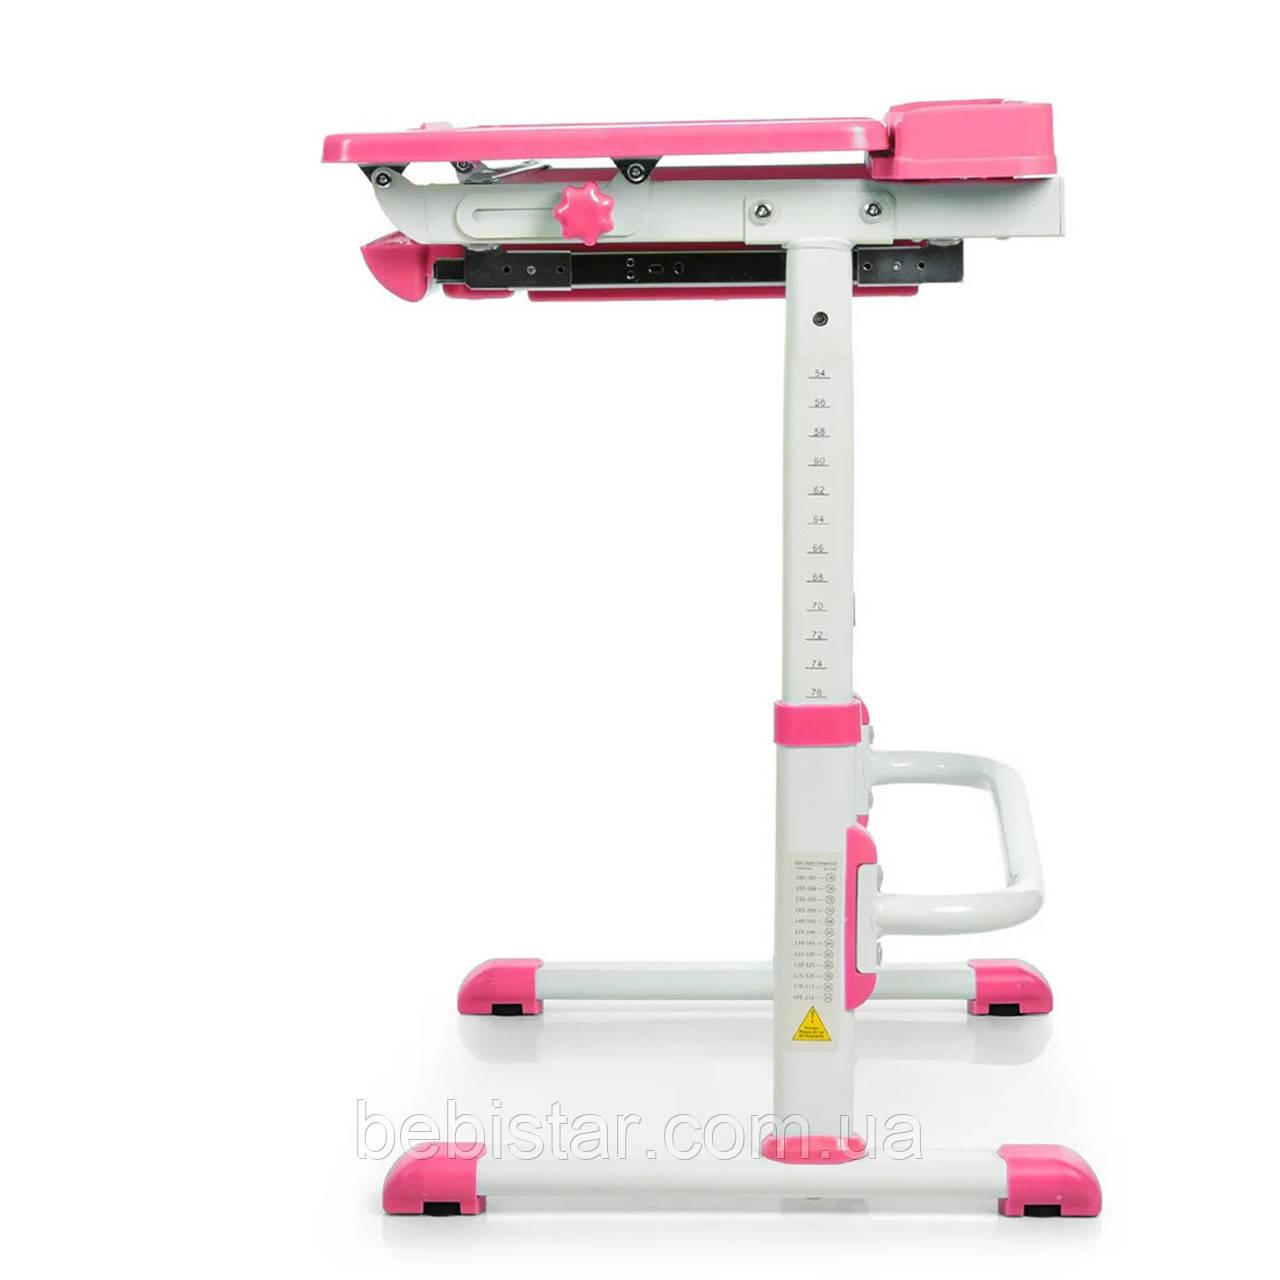 """Детская парта растишка """"Bambi"""" розового цвета трансформер девочке от 3 лет столешница 70 х 38 см - фото 9"""